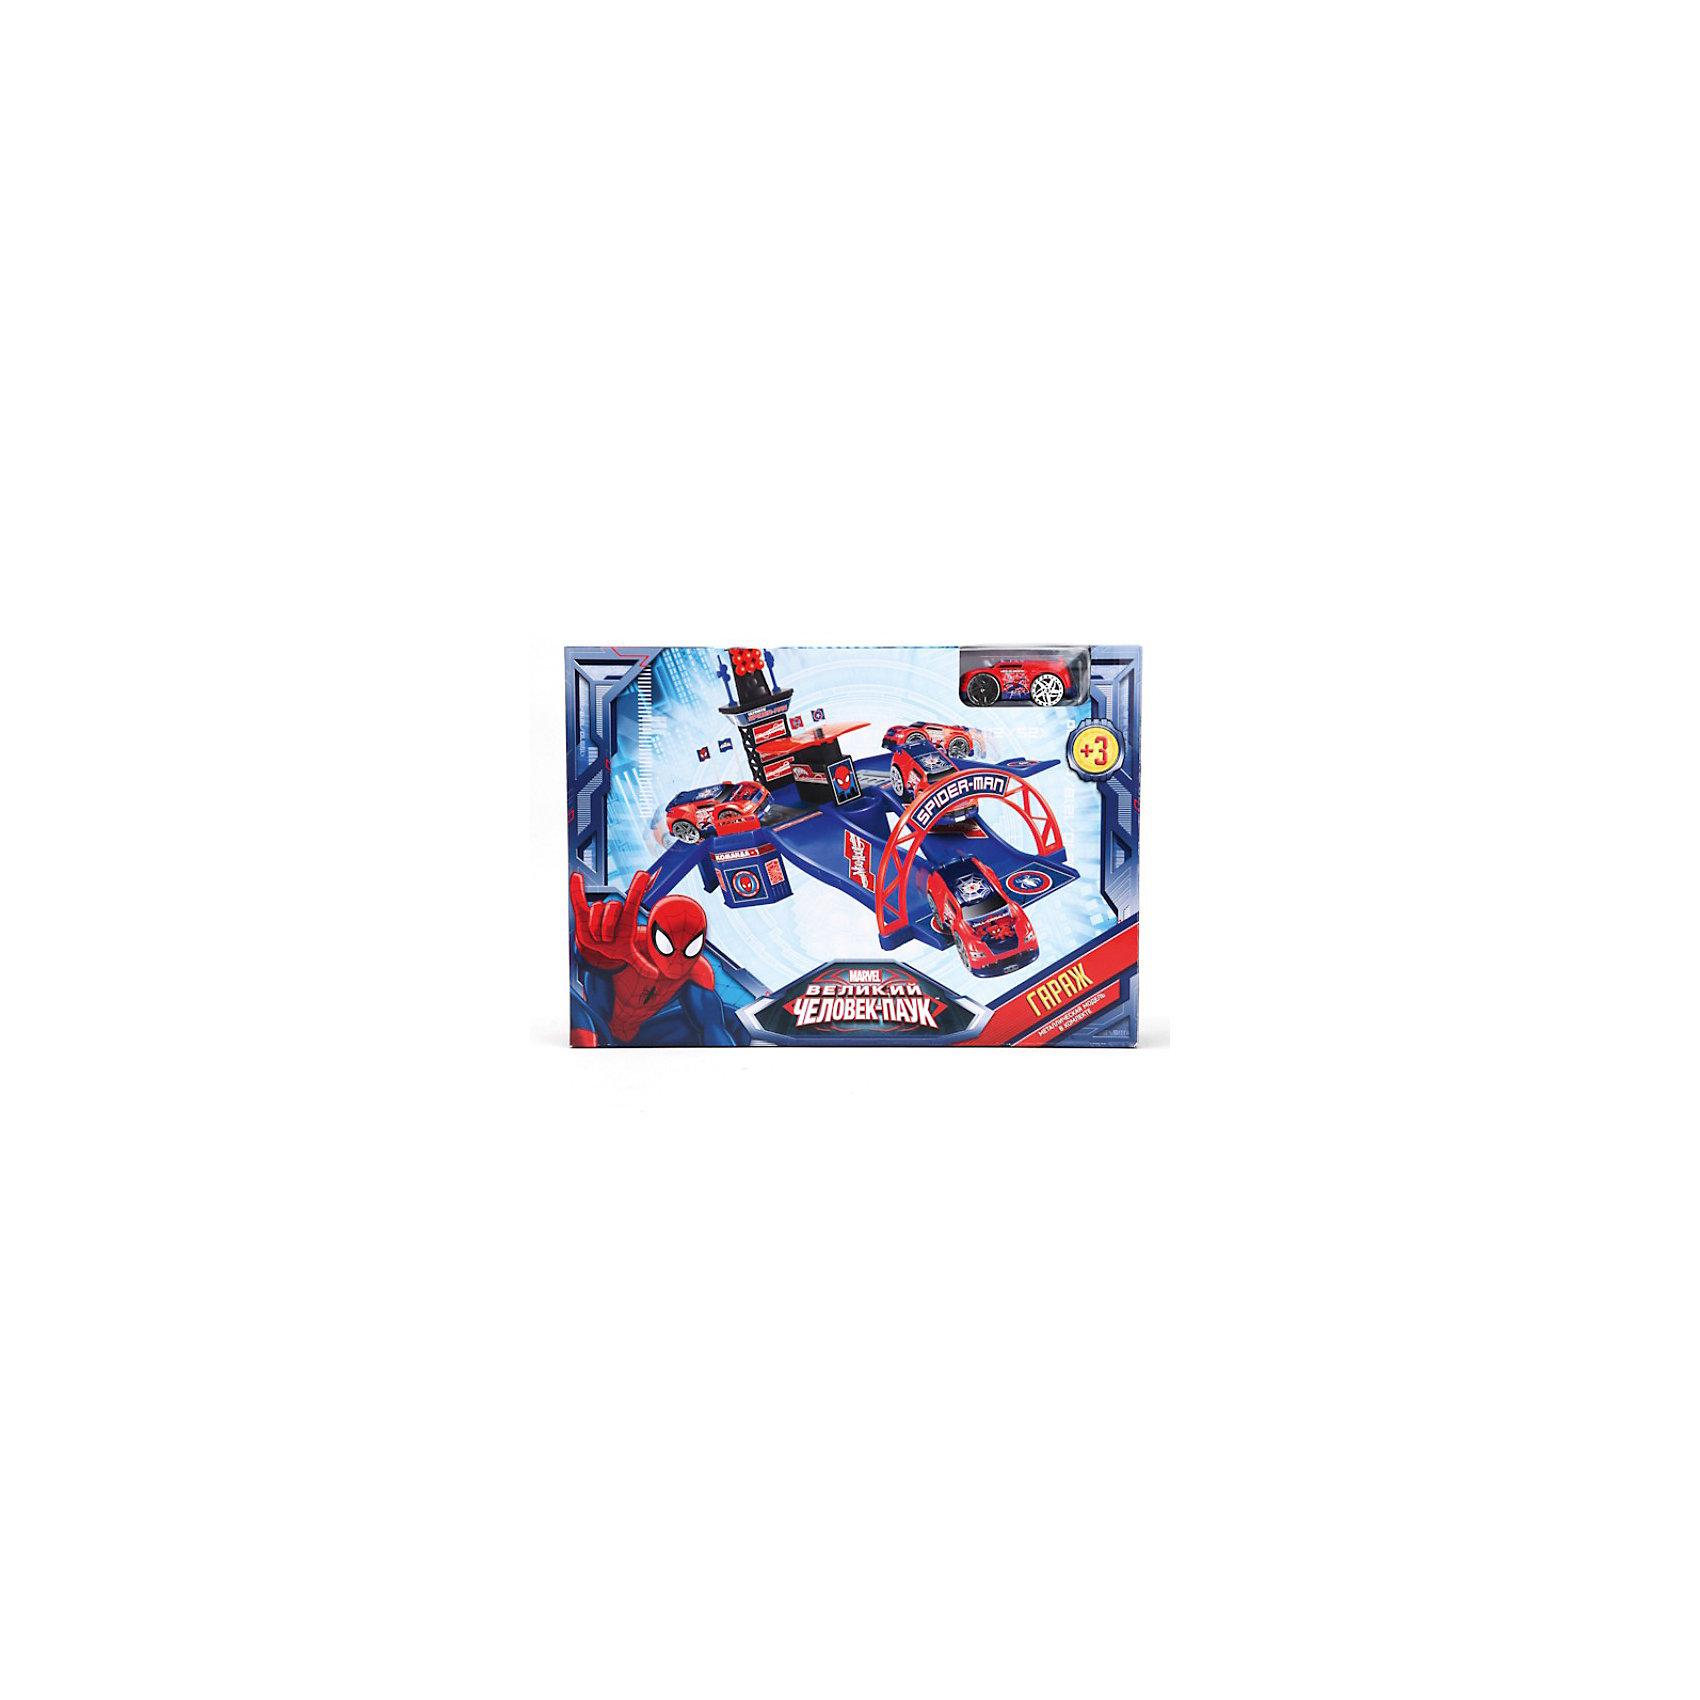 Гараж с металлической машиной , Человек-Паук, ТЕХНОПАРКГараж с металлической машиной, Человек-Паук, Технопарк - увлекательный игровой набор для сюжетно-ролевых игр, который не оставит равнодушным Вашего ребенка. Набор оформлен по мотивам популярных фильмов и комиксов о Человеке Пауке (Spider-Man) и включает в себя гараж и фантастическую машинку Человека-Паука. Гараж выполнен со множеством реалистичных деталей и открывающихся элементов. Машинка изготовлена из металла с элементами пластика, колеса со свободным ходом прорезинены.  <br><br>Дополнительная информация:<br><br>- Материал: пластик, металл.<br>- Размер упаковки: 36 х 26 х 7 см.<br>- Вес: 0,53 кг. <br><br>Игровой набор Гараж с металлической машиной, Человек-Паук (Spider-Man), Технопарк можно купить в нашем интернет-магазине.<br><br>Ширина мм: 360<br>Глубина мм: 260<br>Высота мм: 70<br>Вес г: 530<br>Возраст от месяцев: 36<br>Возраст до месяцев: 144<br>Пол: Мужской<br>Возраст: Детский<br>SKU: 3778128